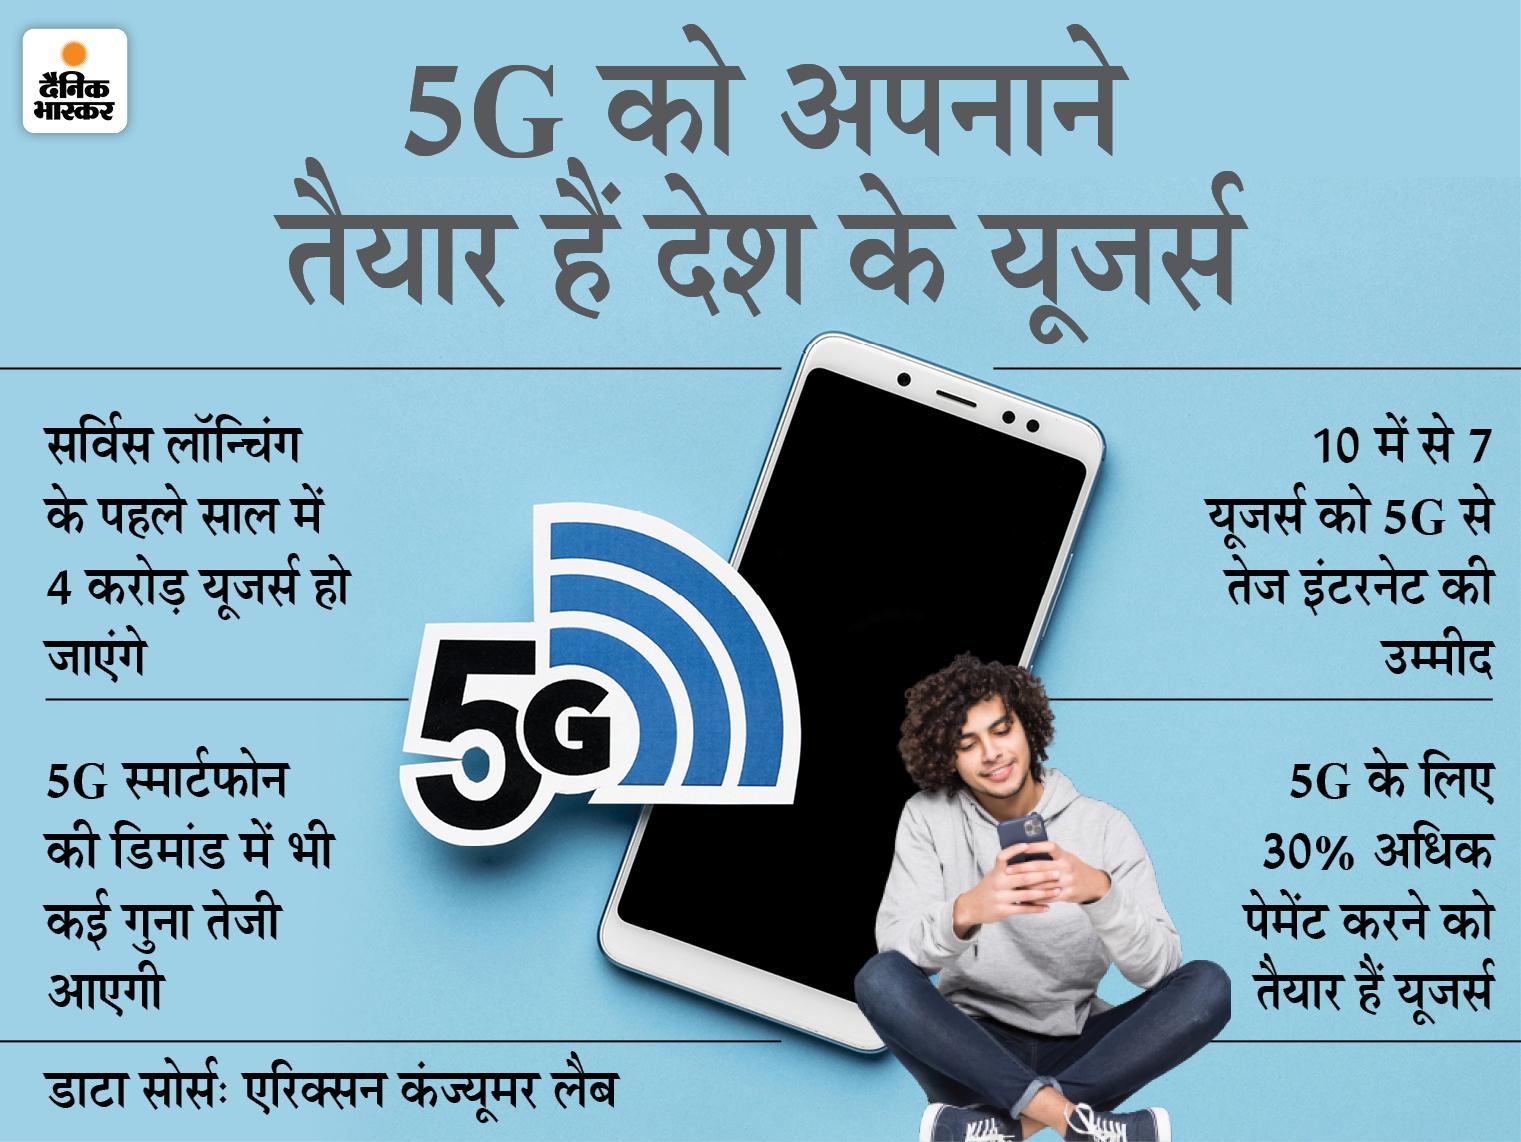 सर्विस लॉन्चिंग के पहले ही साल में 4 करोड़ स्मार्टफोन यूजर्स हो जाएंगे, ज्यादातर यूजर्स चाहते हैं हाई स्पीड इंटरनेट|टेक & ऑटो,Tech & Auto - Dainik Bhaskar